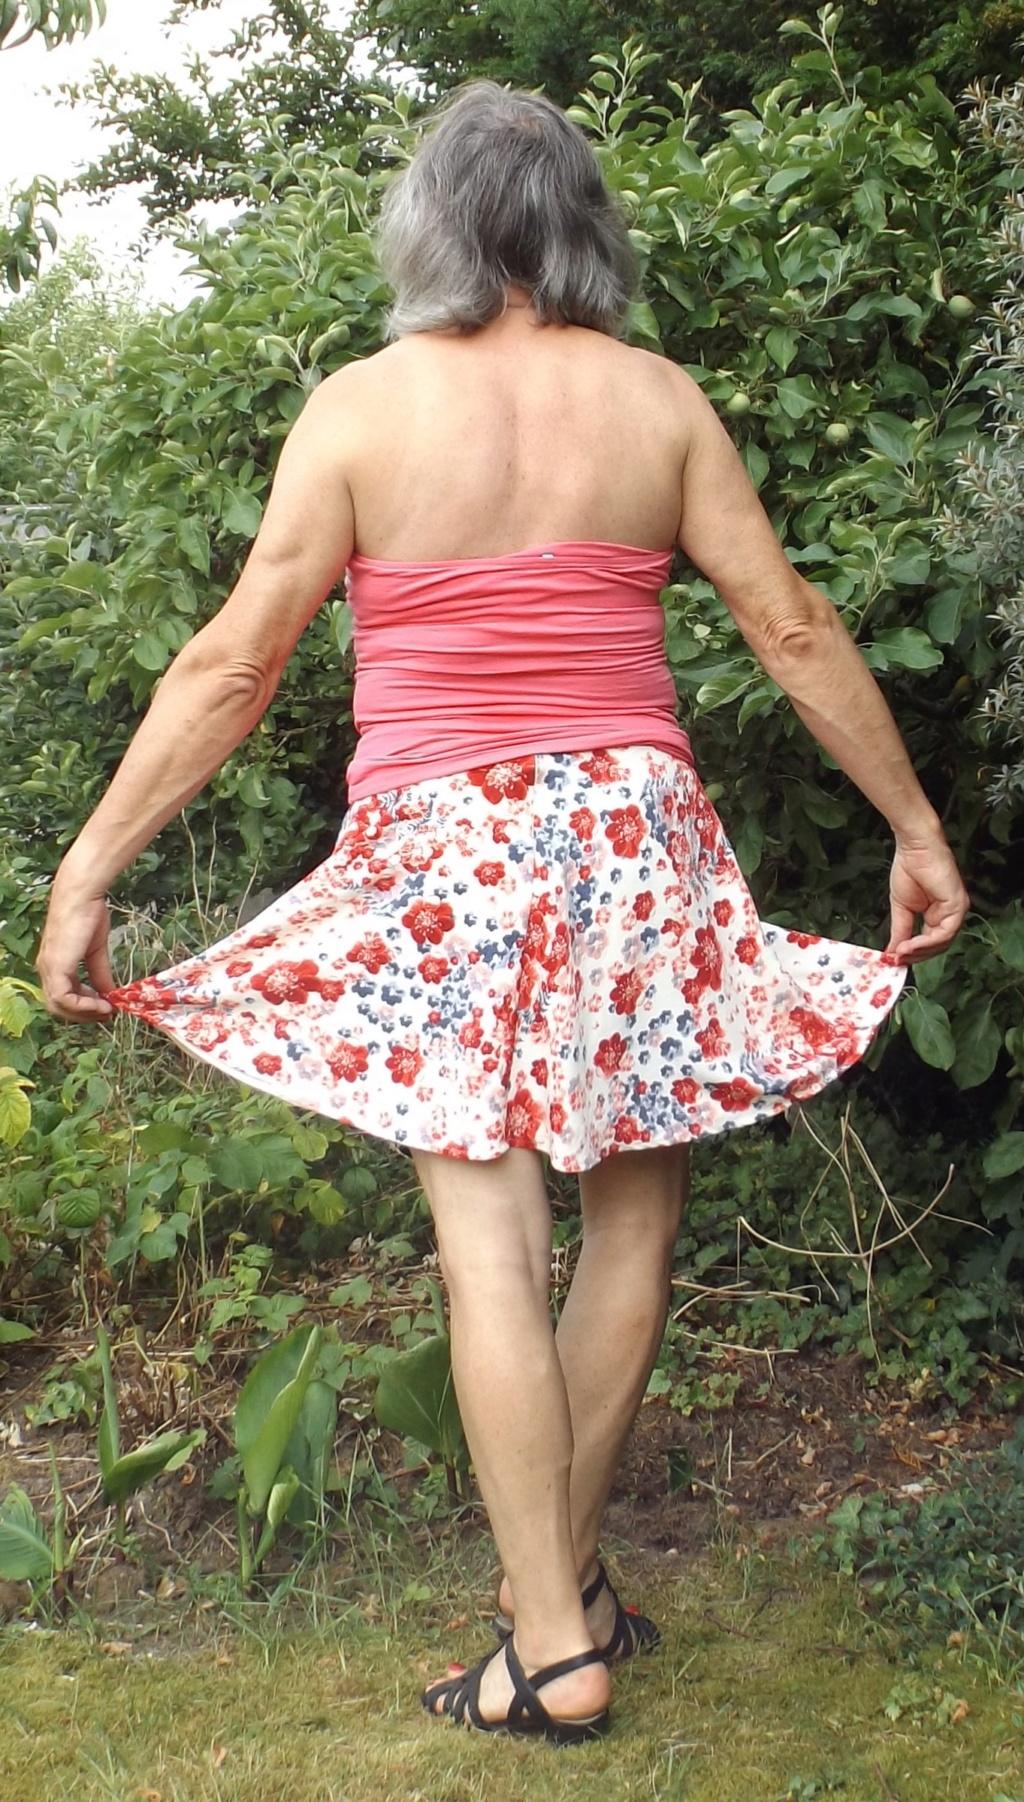 was macht ihr heute tragt ihr heute f r ein outfit 391 crossdresser transgender. Black Bedroom Furniture Sets. Home Design Ideas